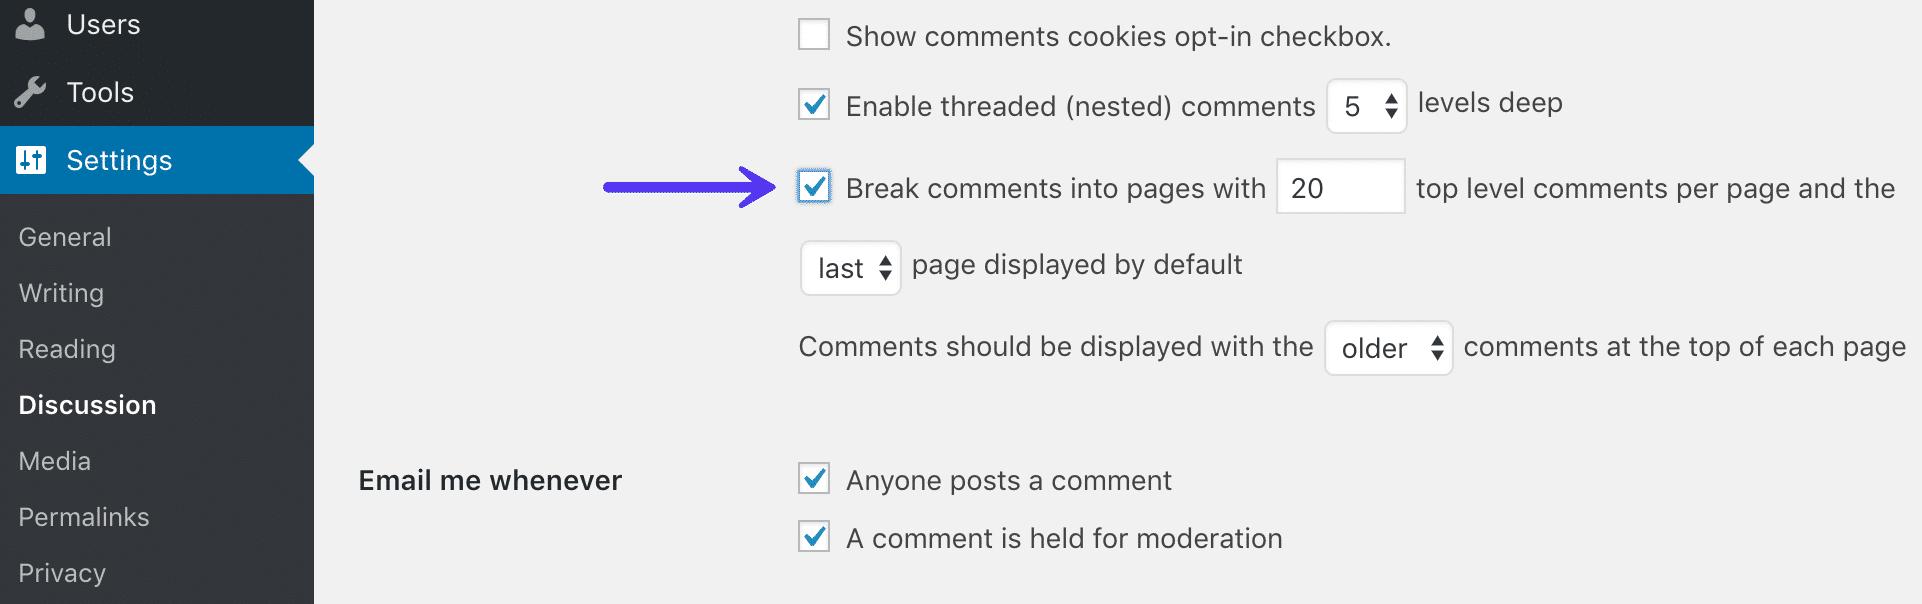 Quebrar comentários em páginas